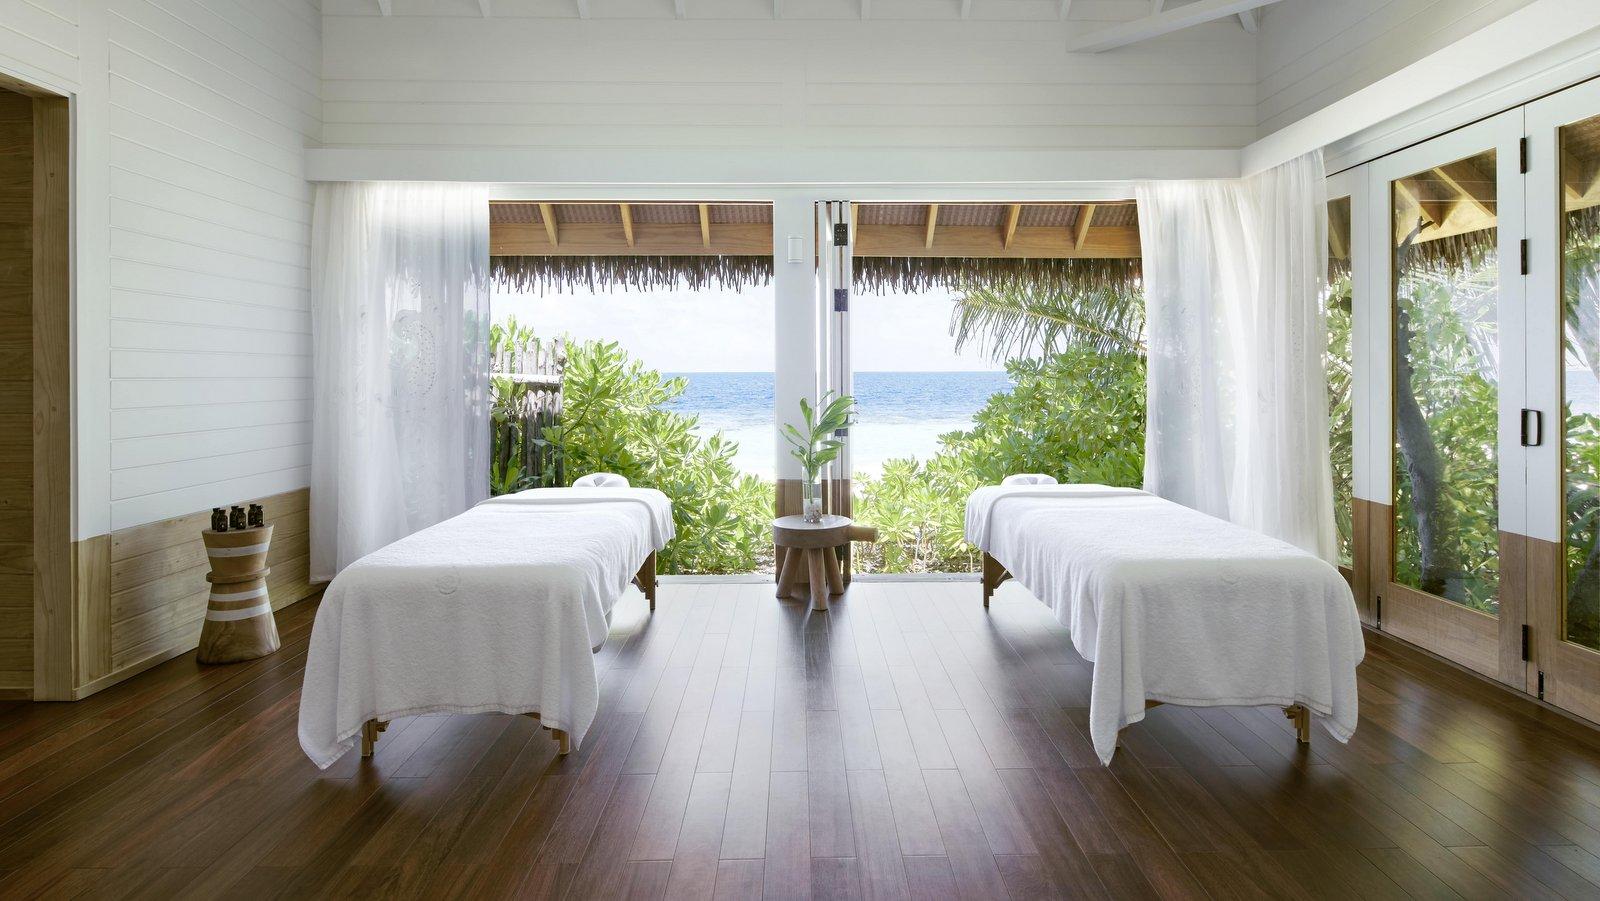 Мальдивы, отель COMO Cocoa Island, спа